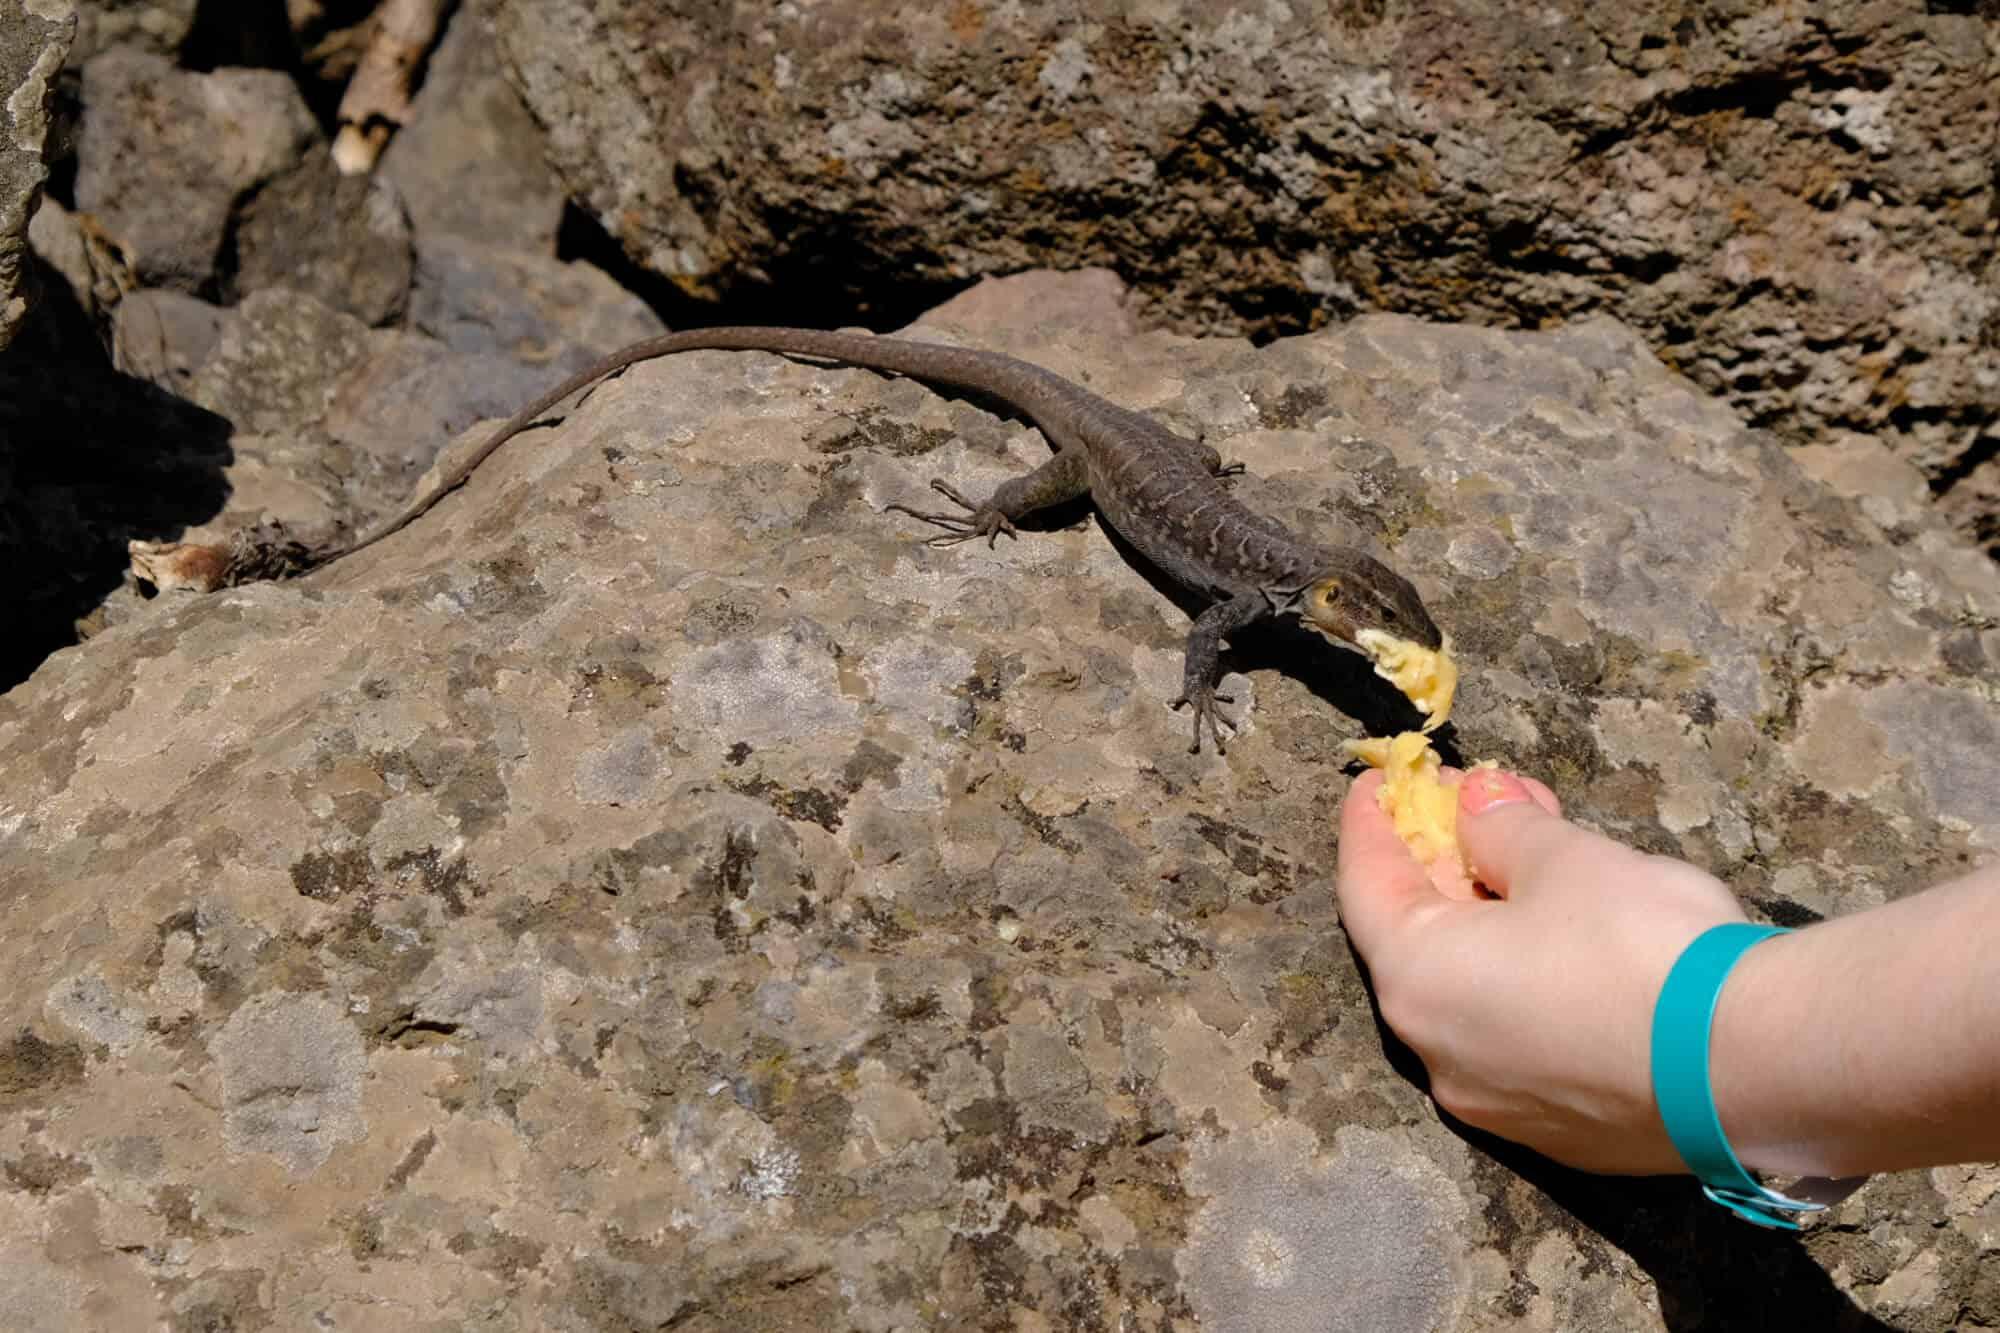 Wandern auf den Kanaren: Eidechse wird mit Bananen gefüttert